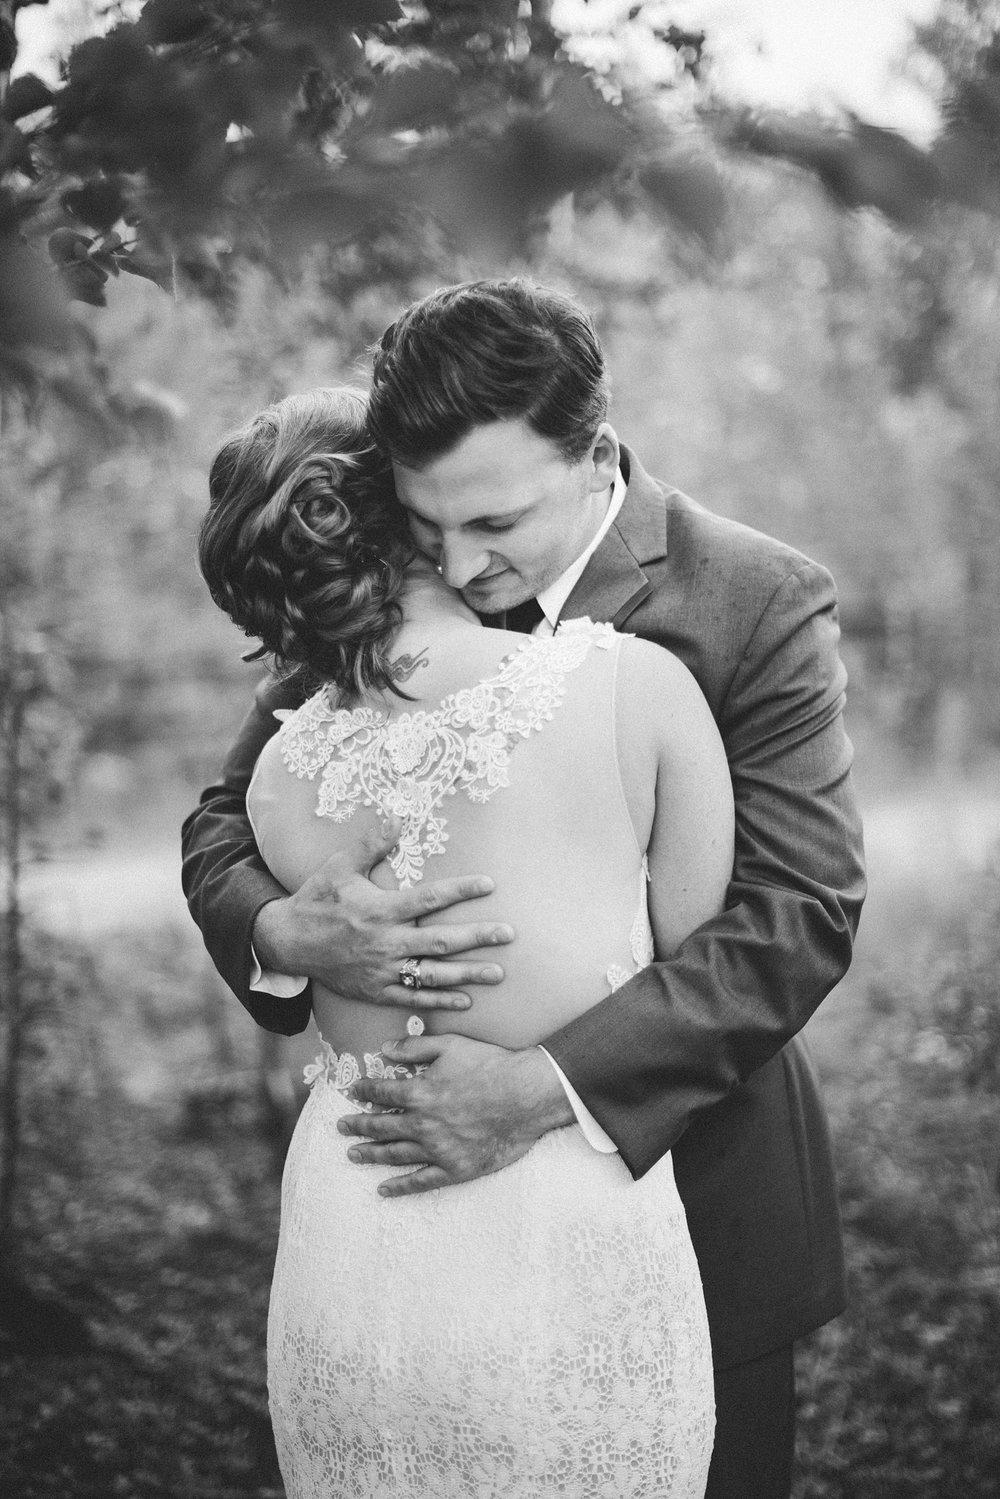 alaska-elopement-wedding-destination-photographer_0016.jpg